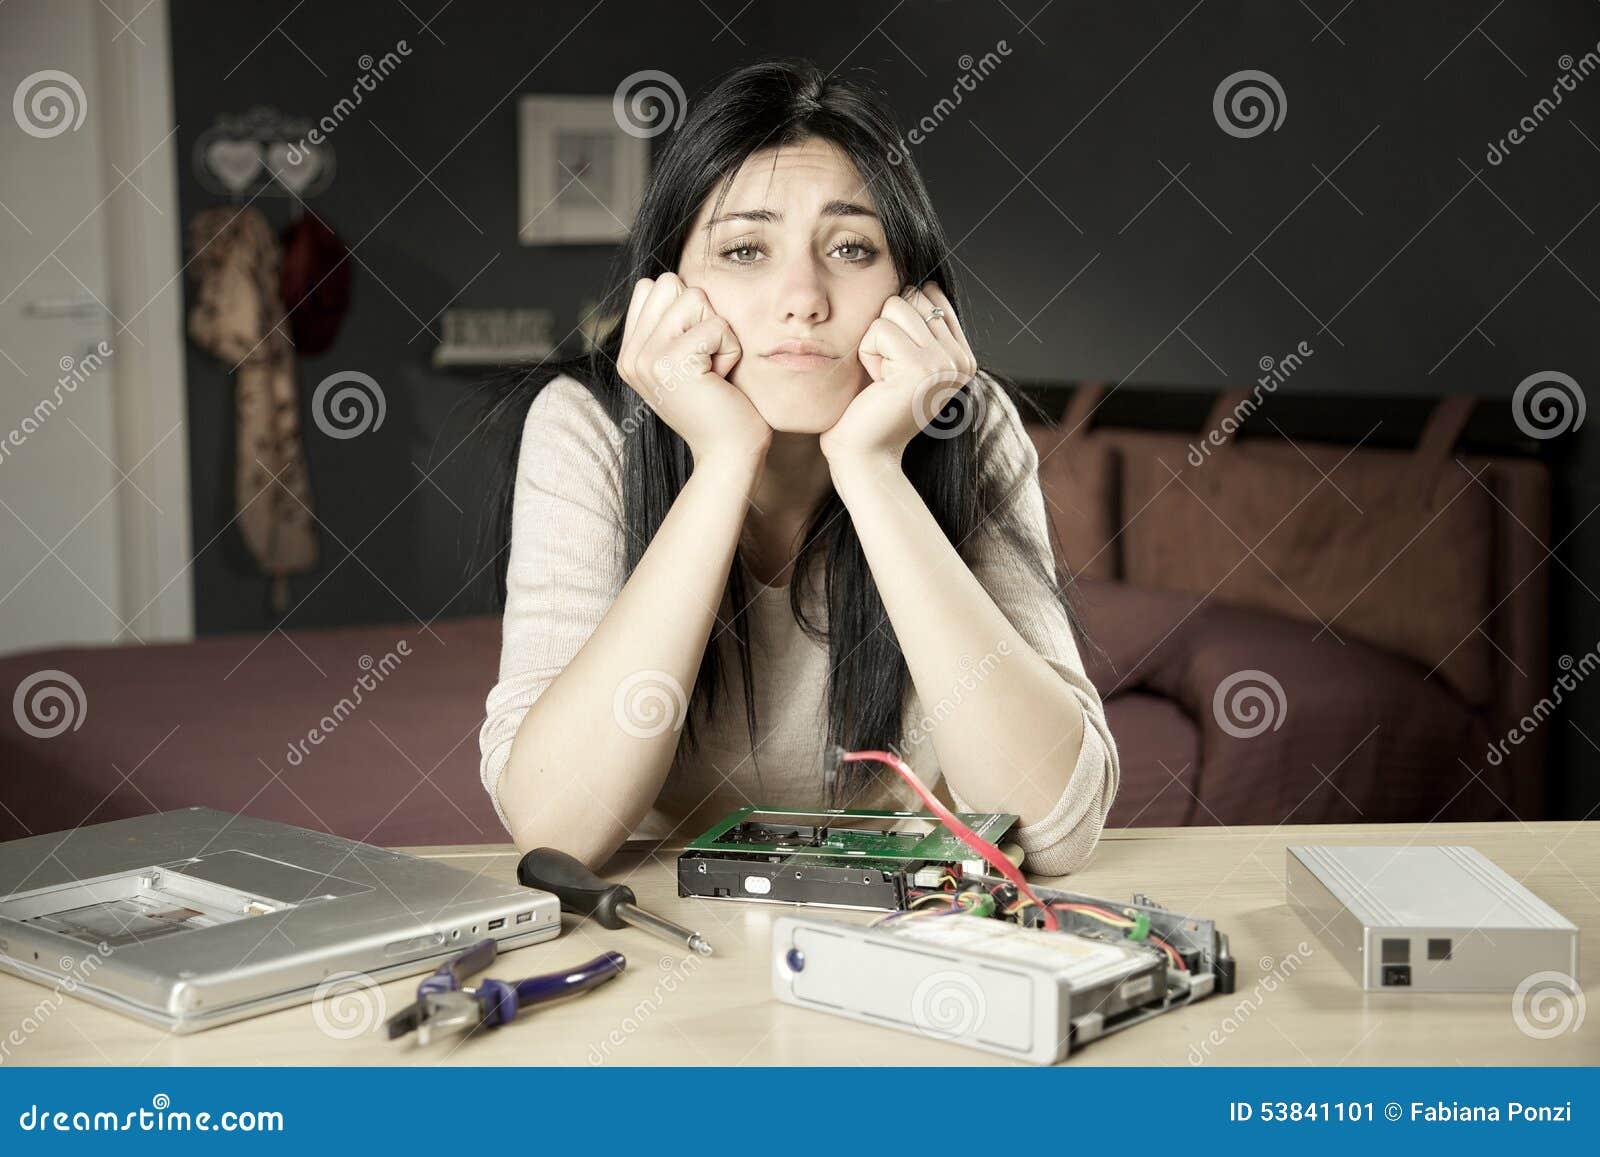 Trauriges Mädchen nicht fähig, gebrochene Festplatte zu reparieren